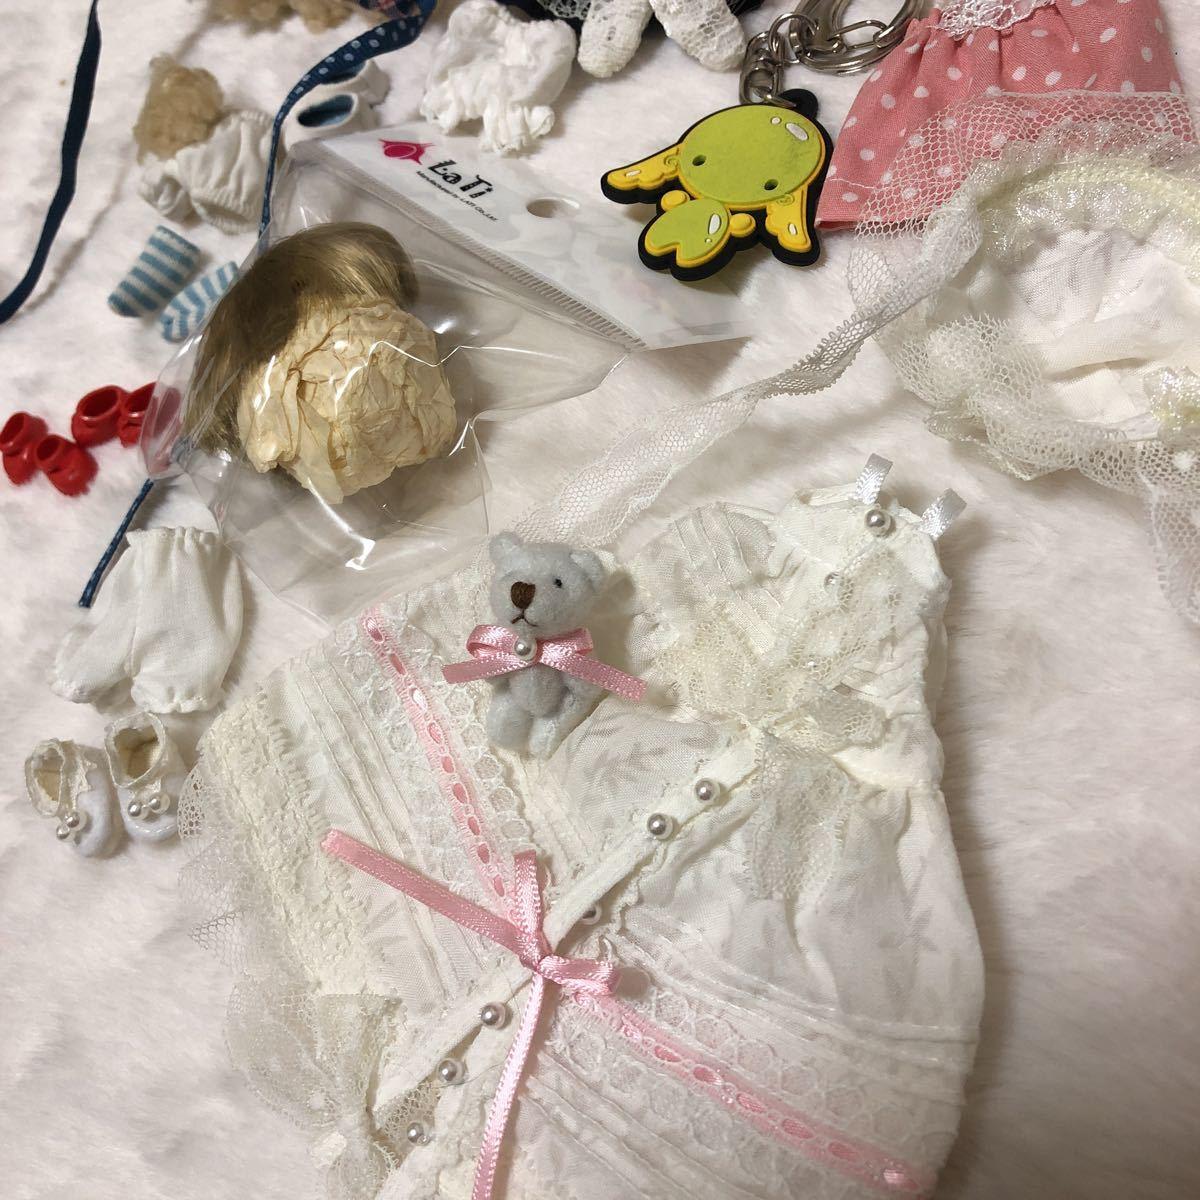 小さな球体関節人形 latidoll latiwhite ホワイトwhite OF 服 靴 ウィッグ セット まとめ売り_画像2